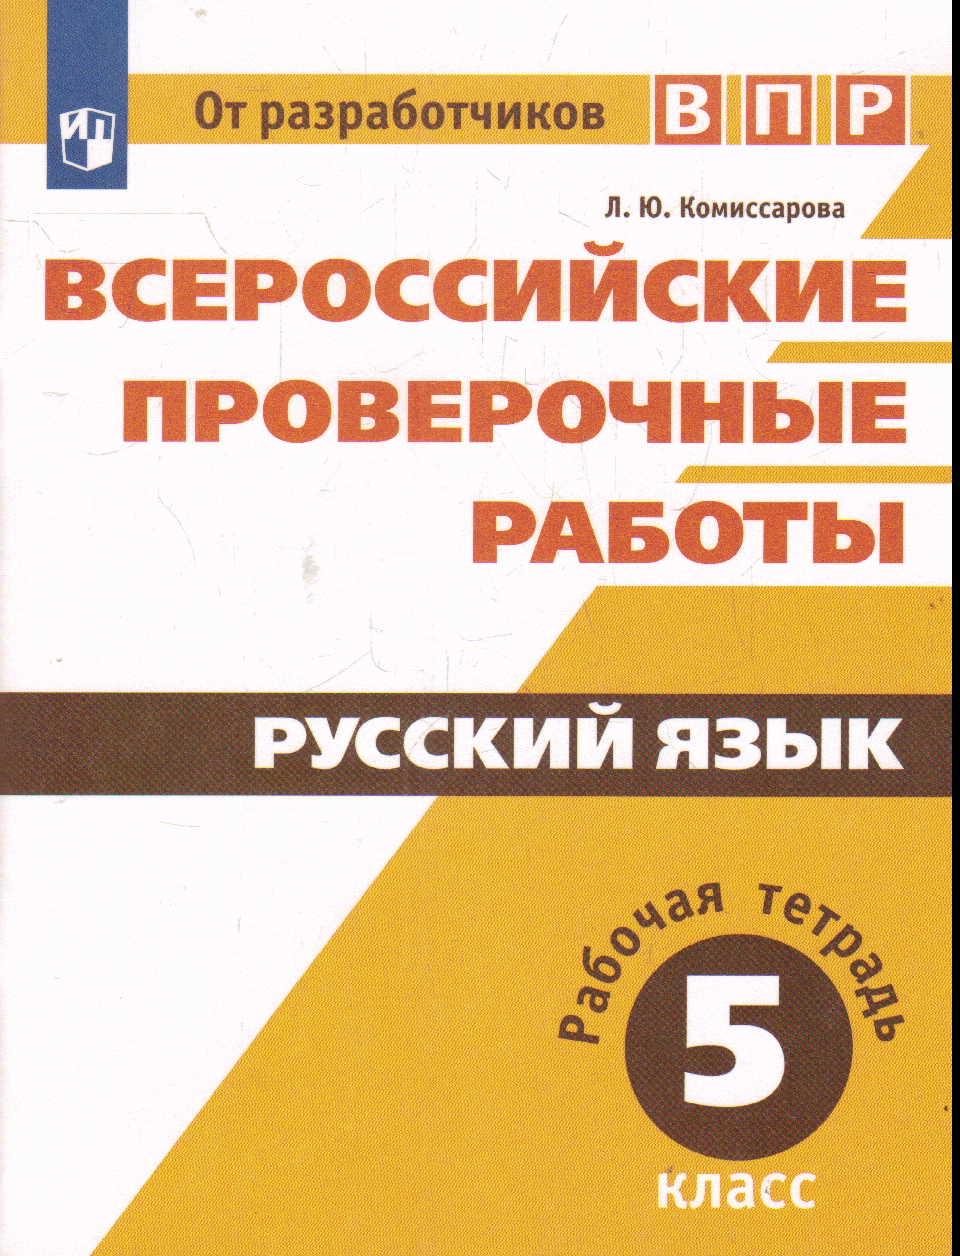 Русский язык. 5 кл.: Рабочая тетрадь: Всероссийские проверочные работы